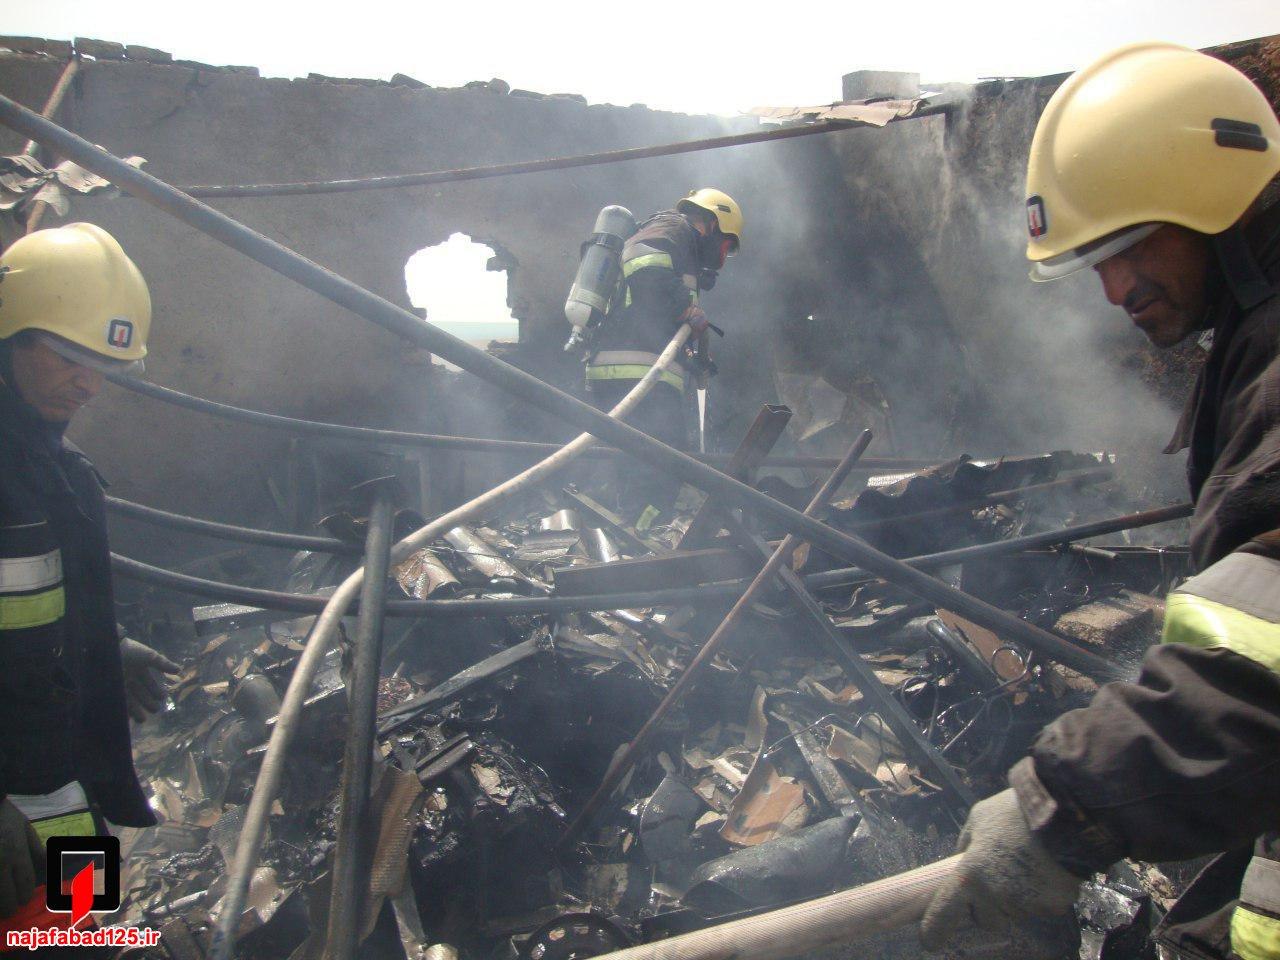 آتش سوزی انبار ضایعات